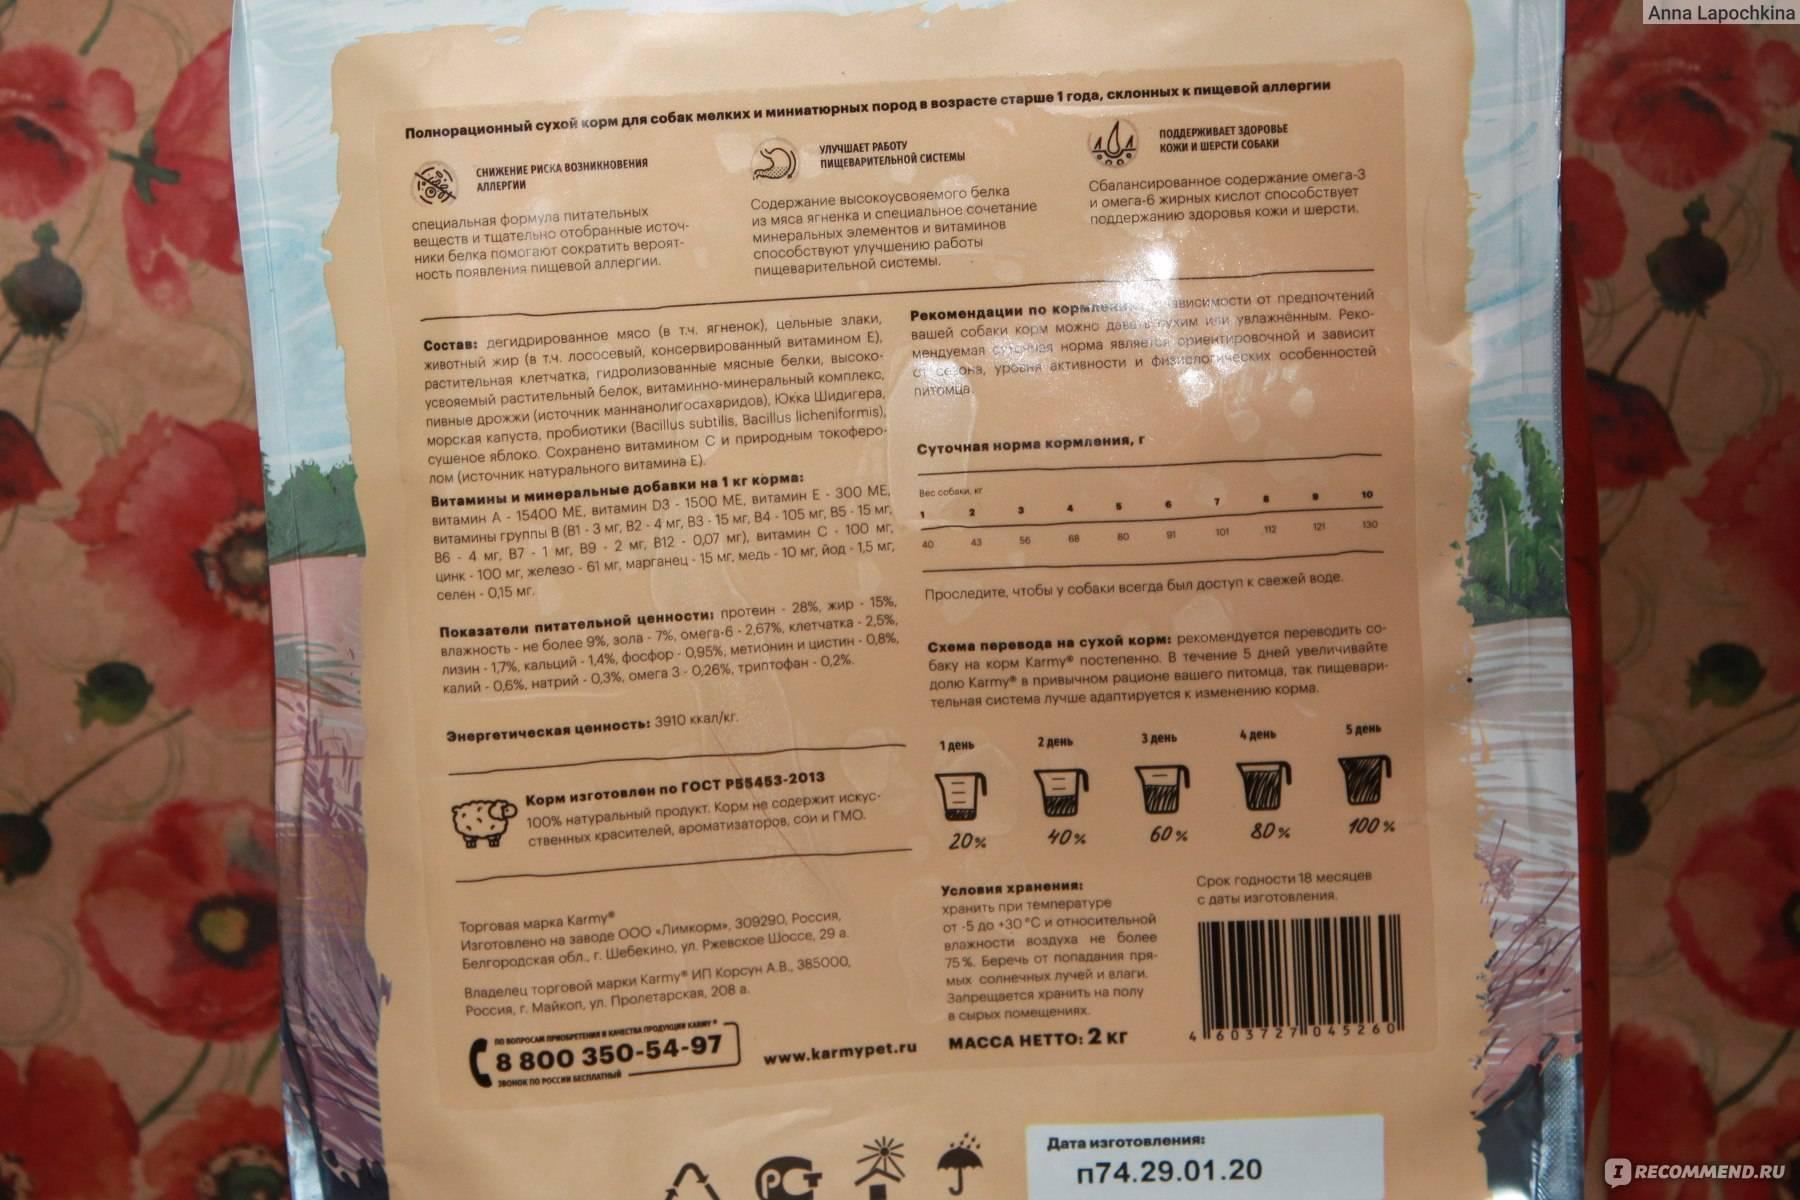 Как перевести собаку с сухого корма на натуралку или с натурального питания на сухой корм, переводить собак с натуралки сложнее — предлагаем схему.